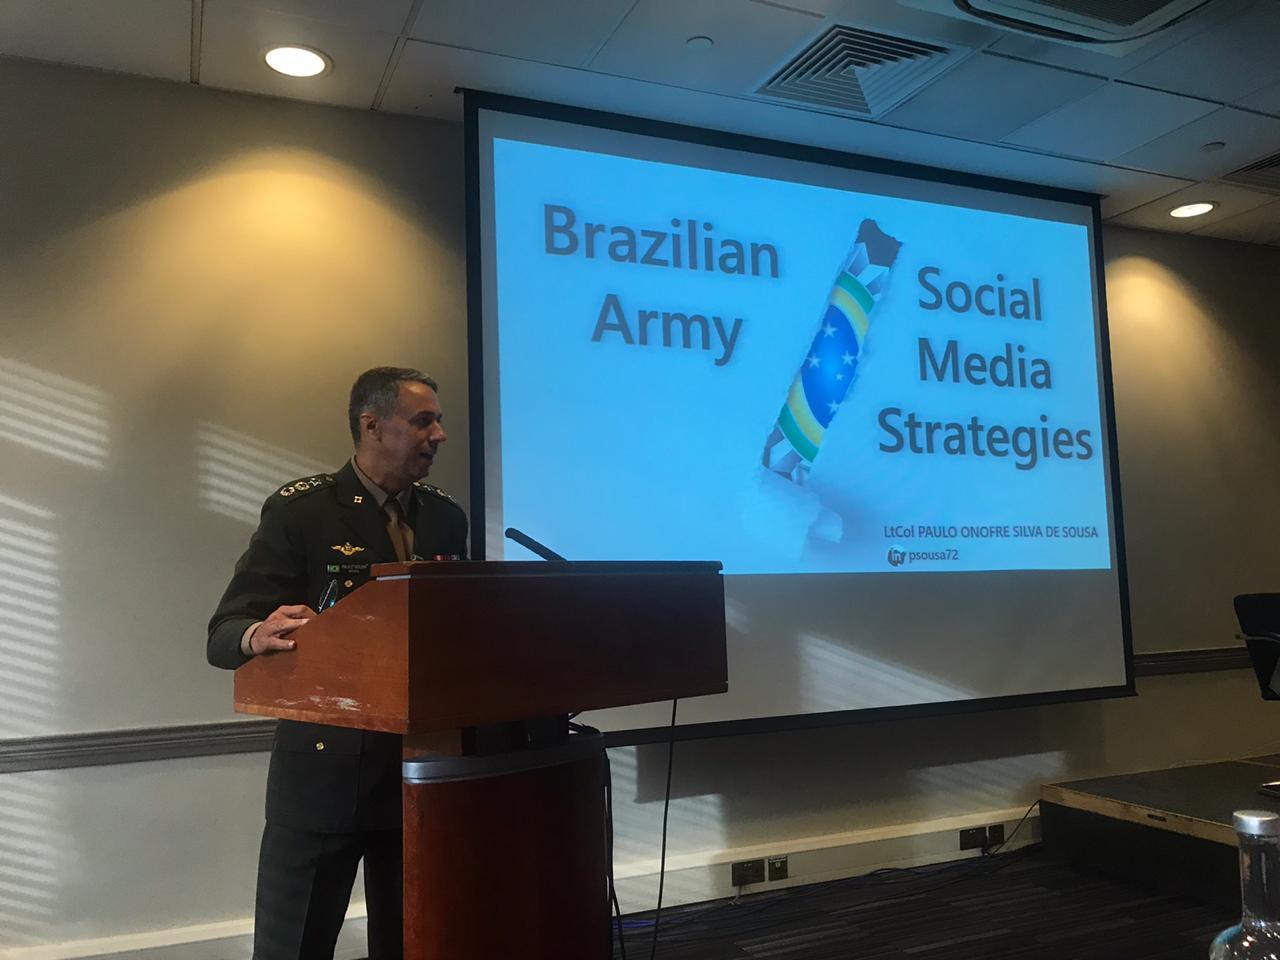 Centro de Comunicação Social do Exército apresenta, em Londres, estratégias empregadas nas mídias sociais